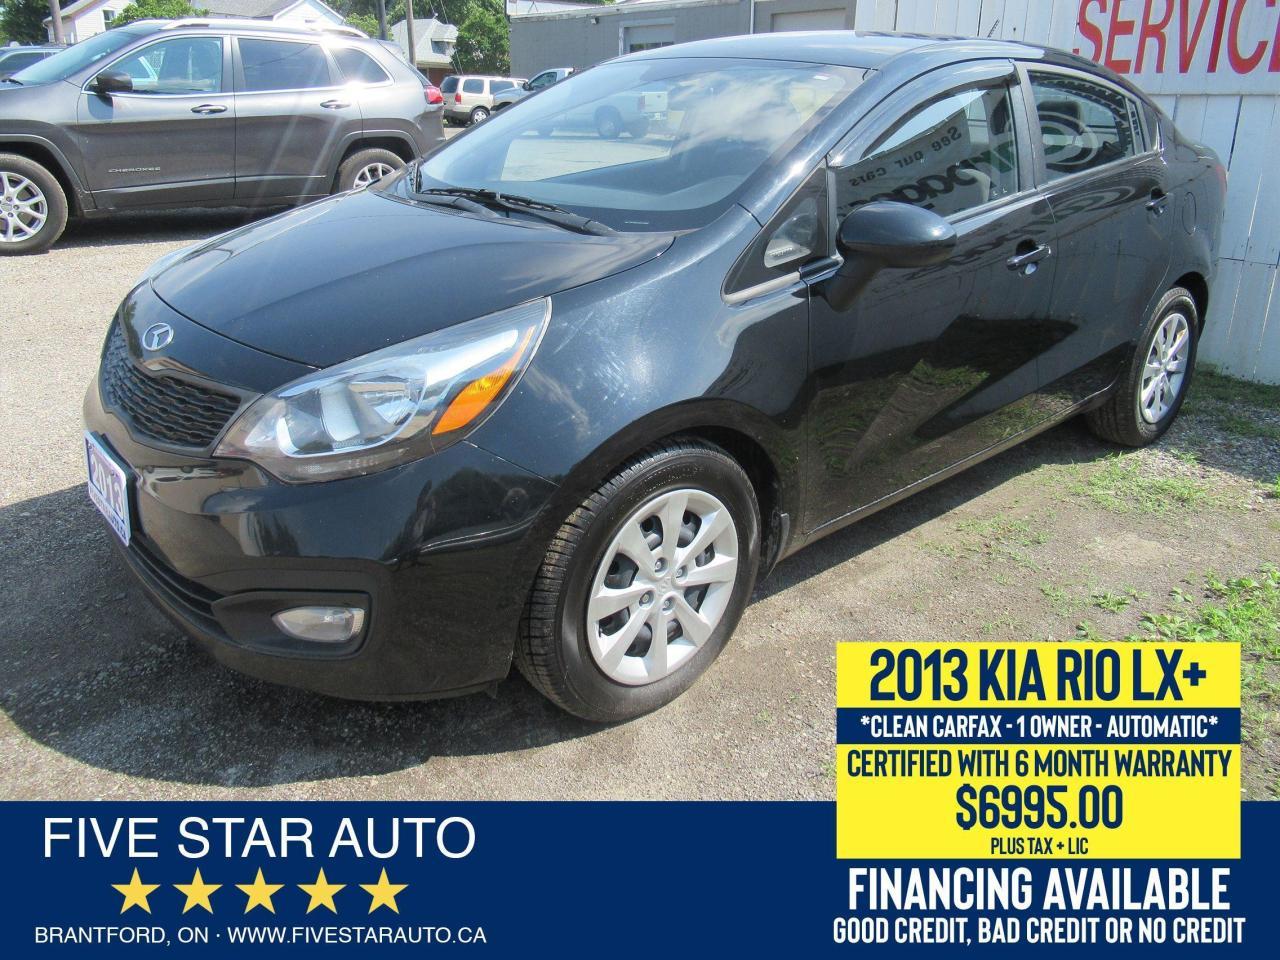 2013 Kia Rio LX+ *Clean Carfax* Certified w/ 6 Month Warranty